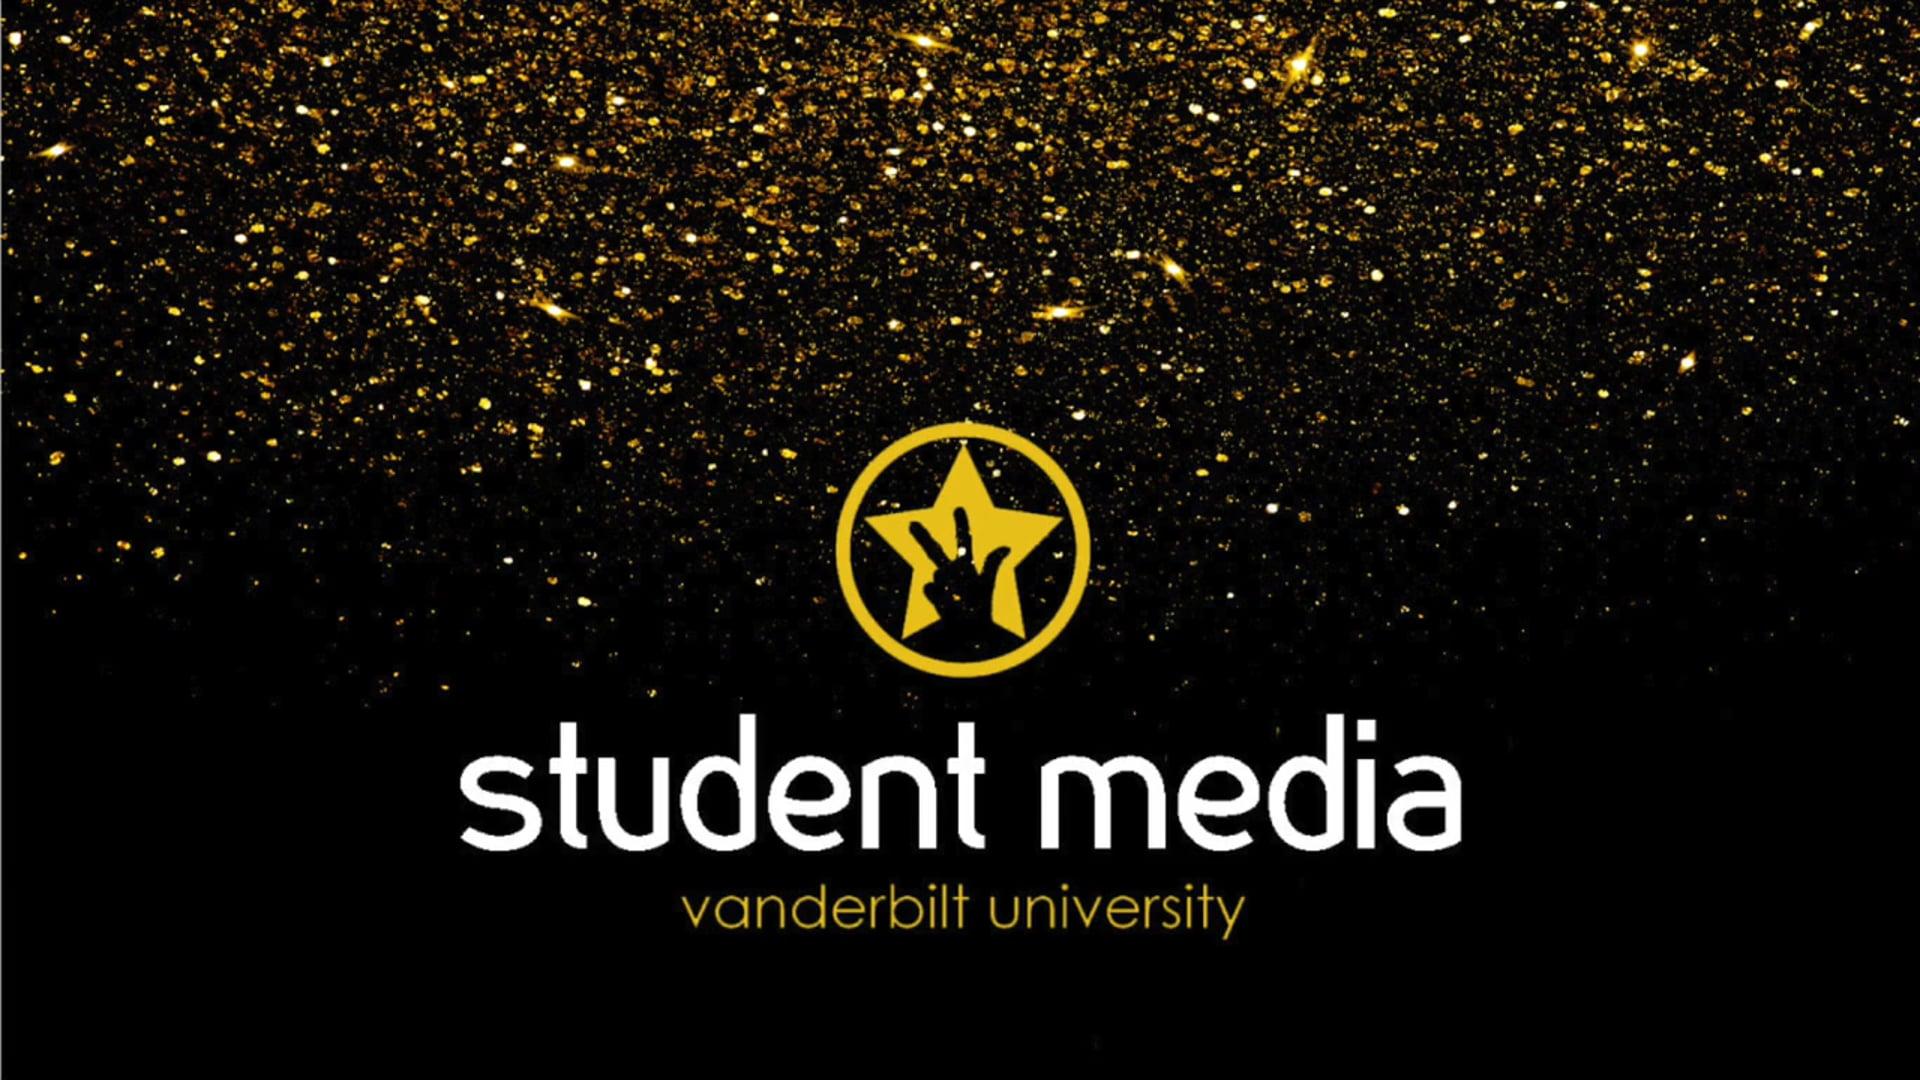 Supporting Student Media at Vanderbilt